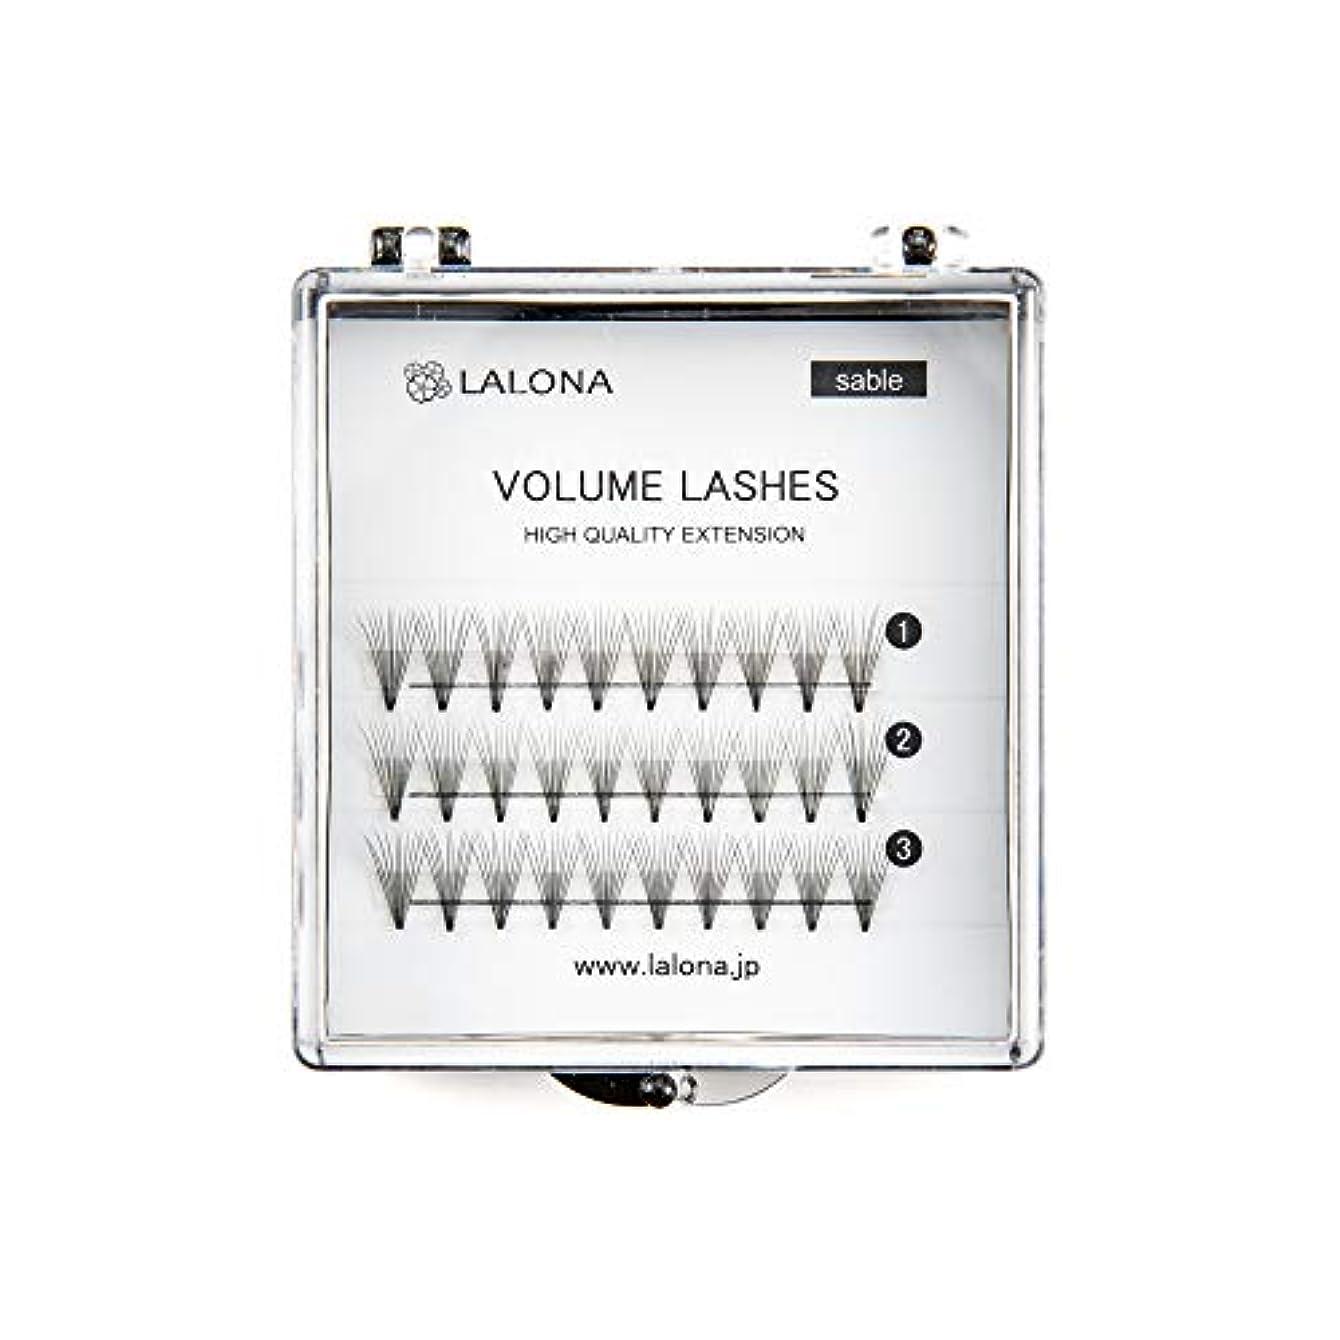 不調和寝室避難LALONA [ ラローナ ] ボリュームラッシュ (10D) (30pcs) まつげエクステ 10本束 フレアラッシュ まつエク 束まつげ セーブル (Dカール / 10mm)